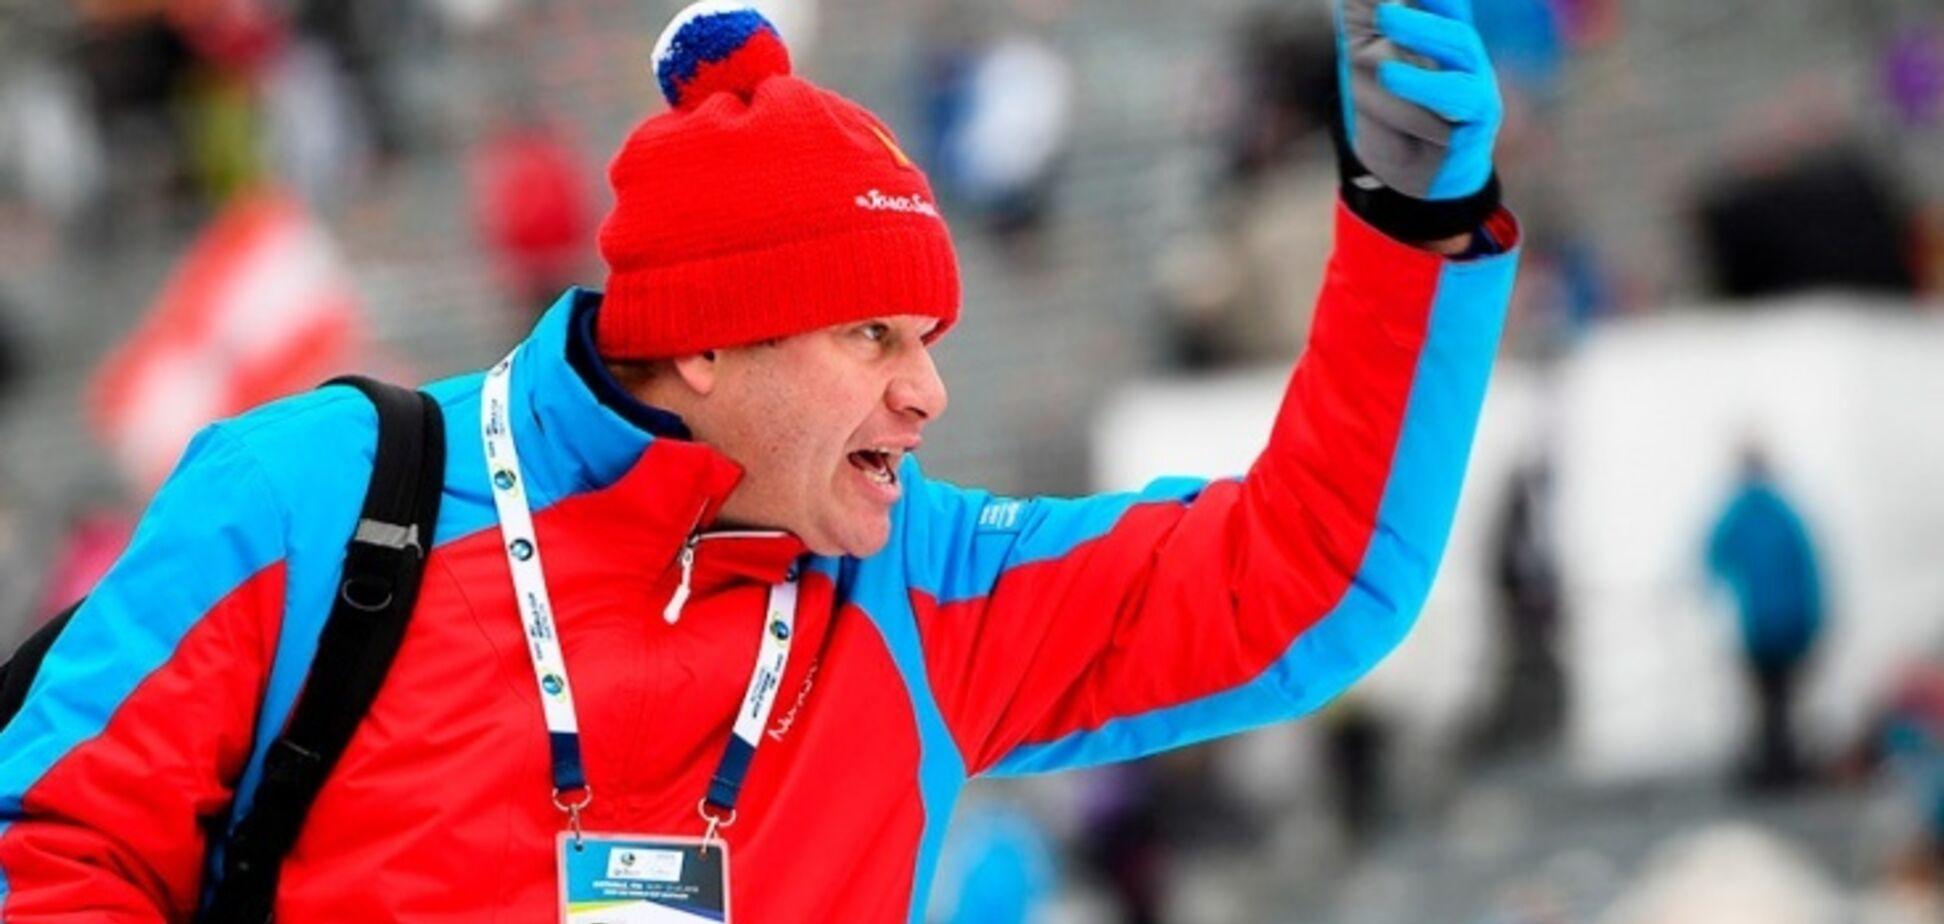 ''Клінічний ідіот'': чемпіона світу дістав улюблений конферансьє Путіна